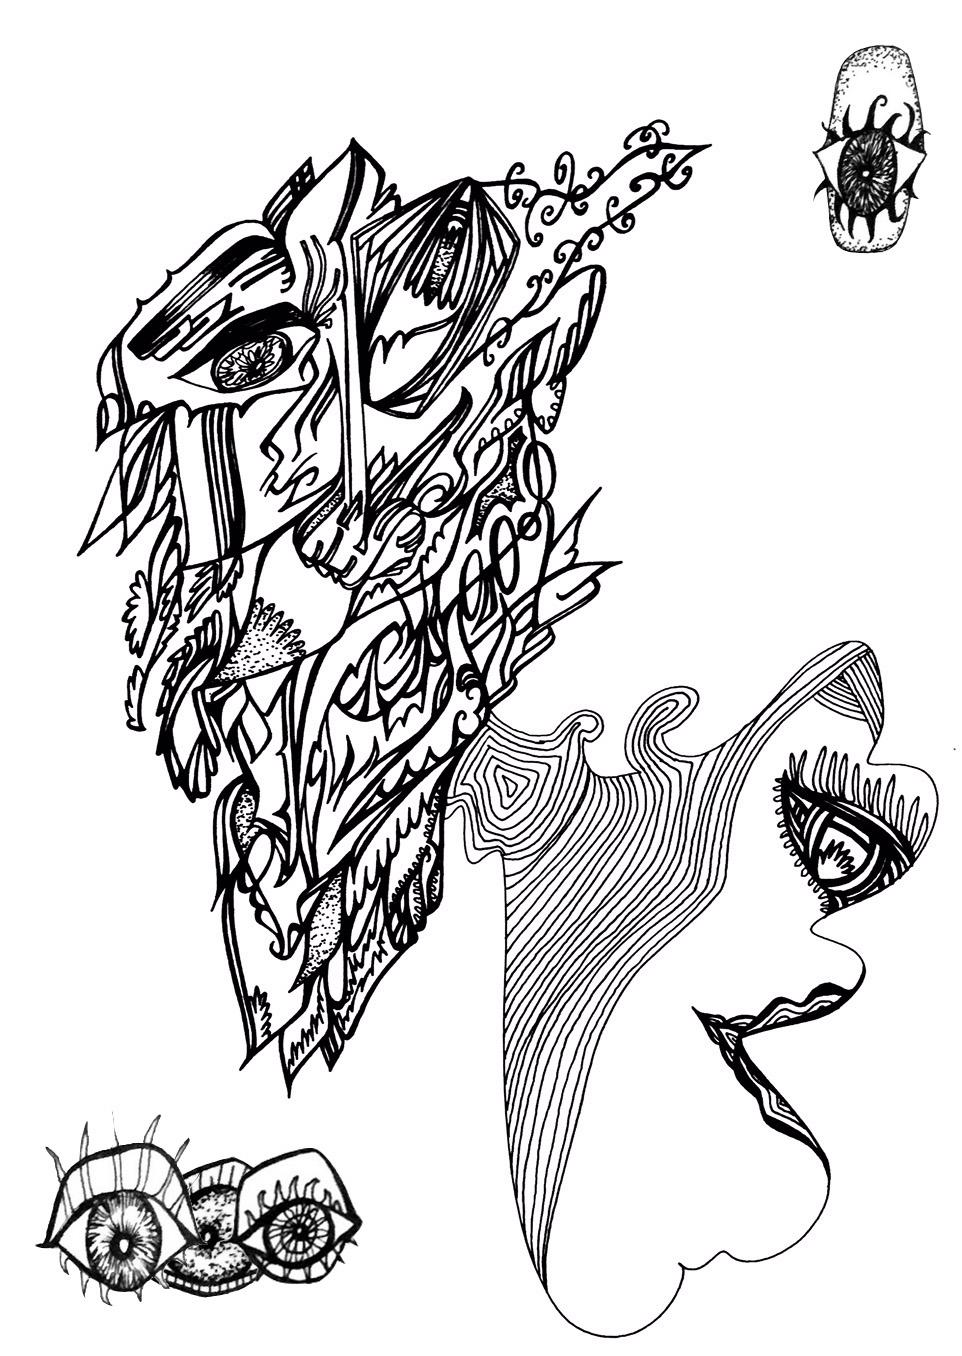 ojos y caras.jpg